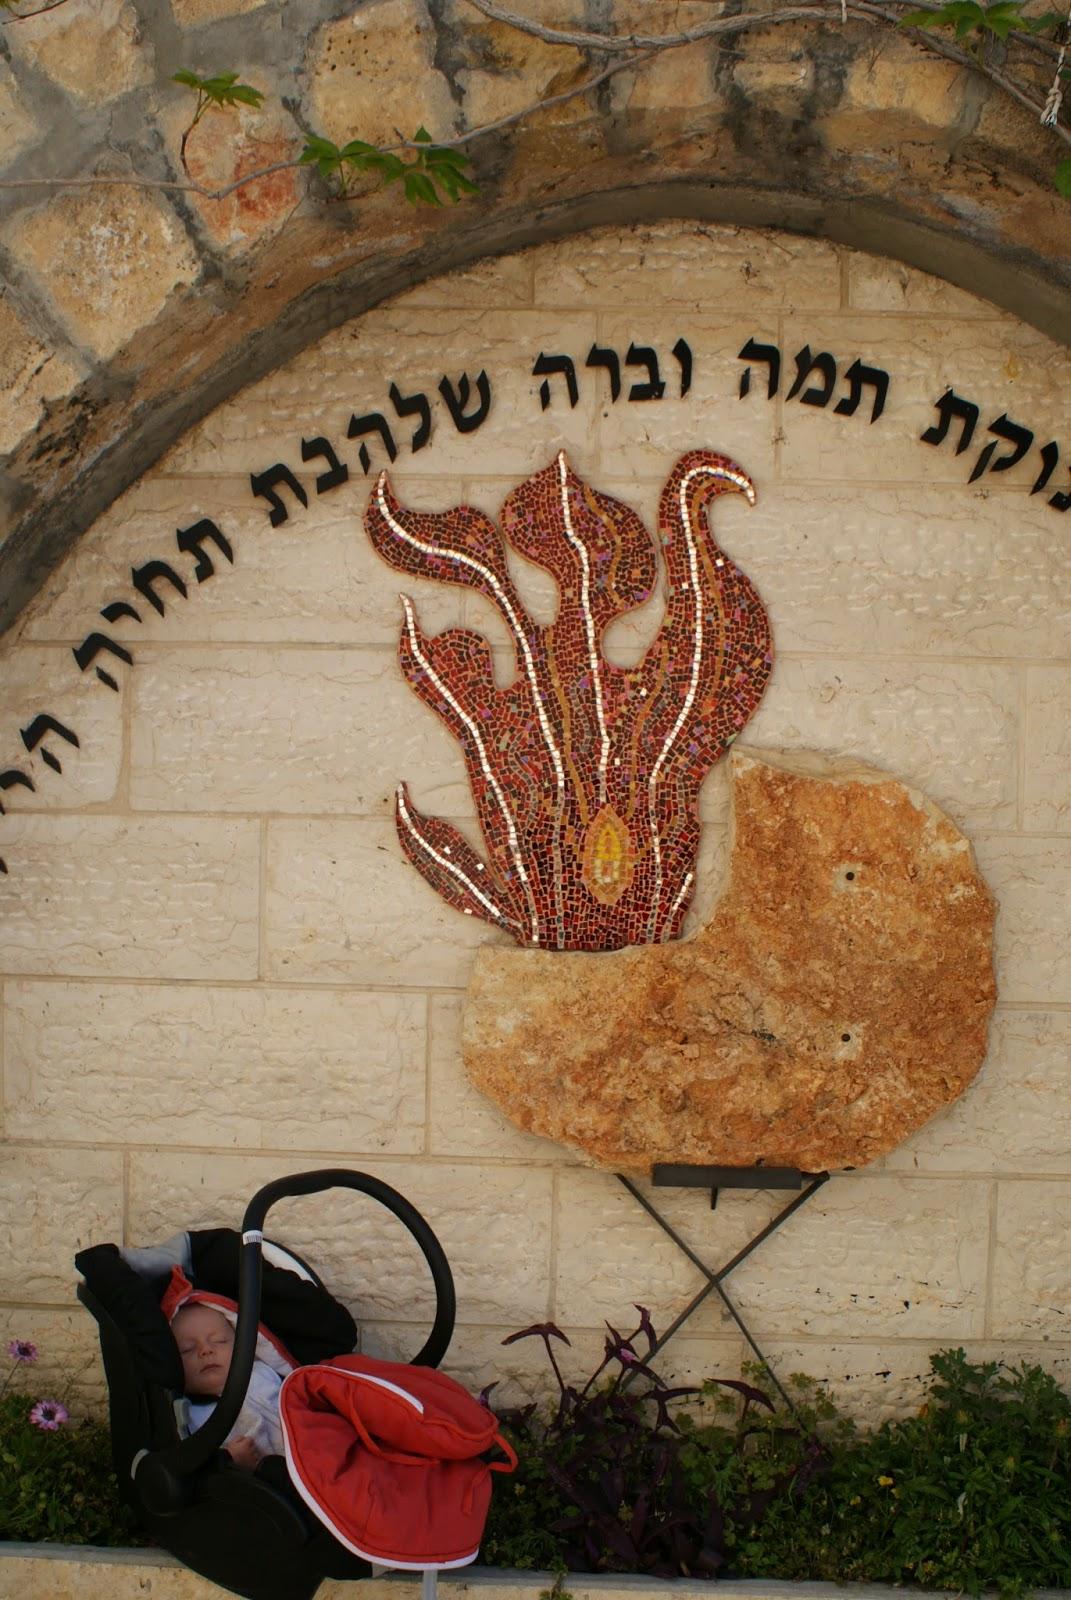 Huis tuin en keuken karin k een donderdagskind for Palestijnse keuken